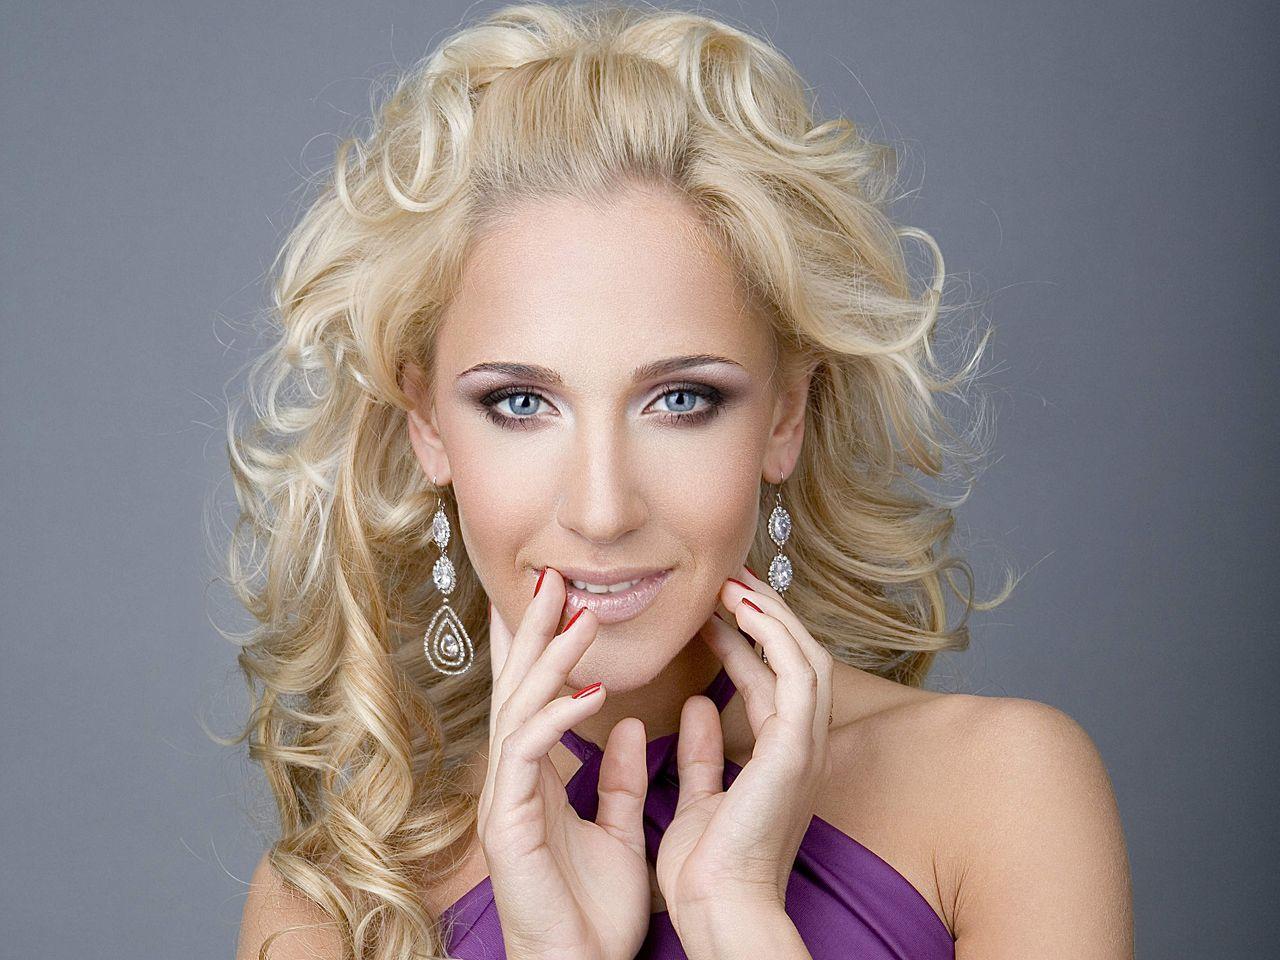 Юлия кавальчук певица фото 6